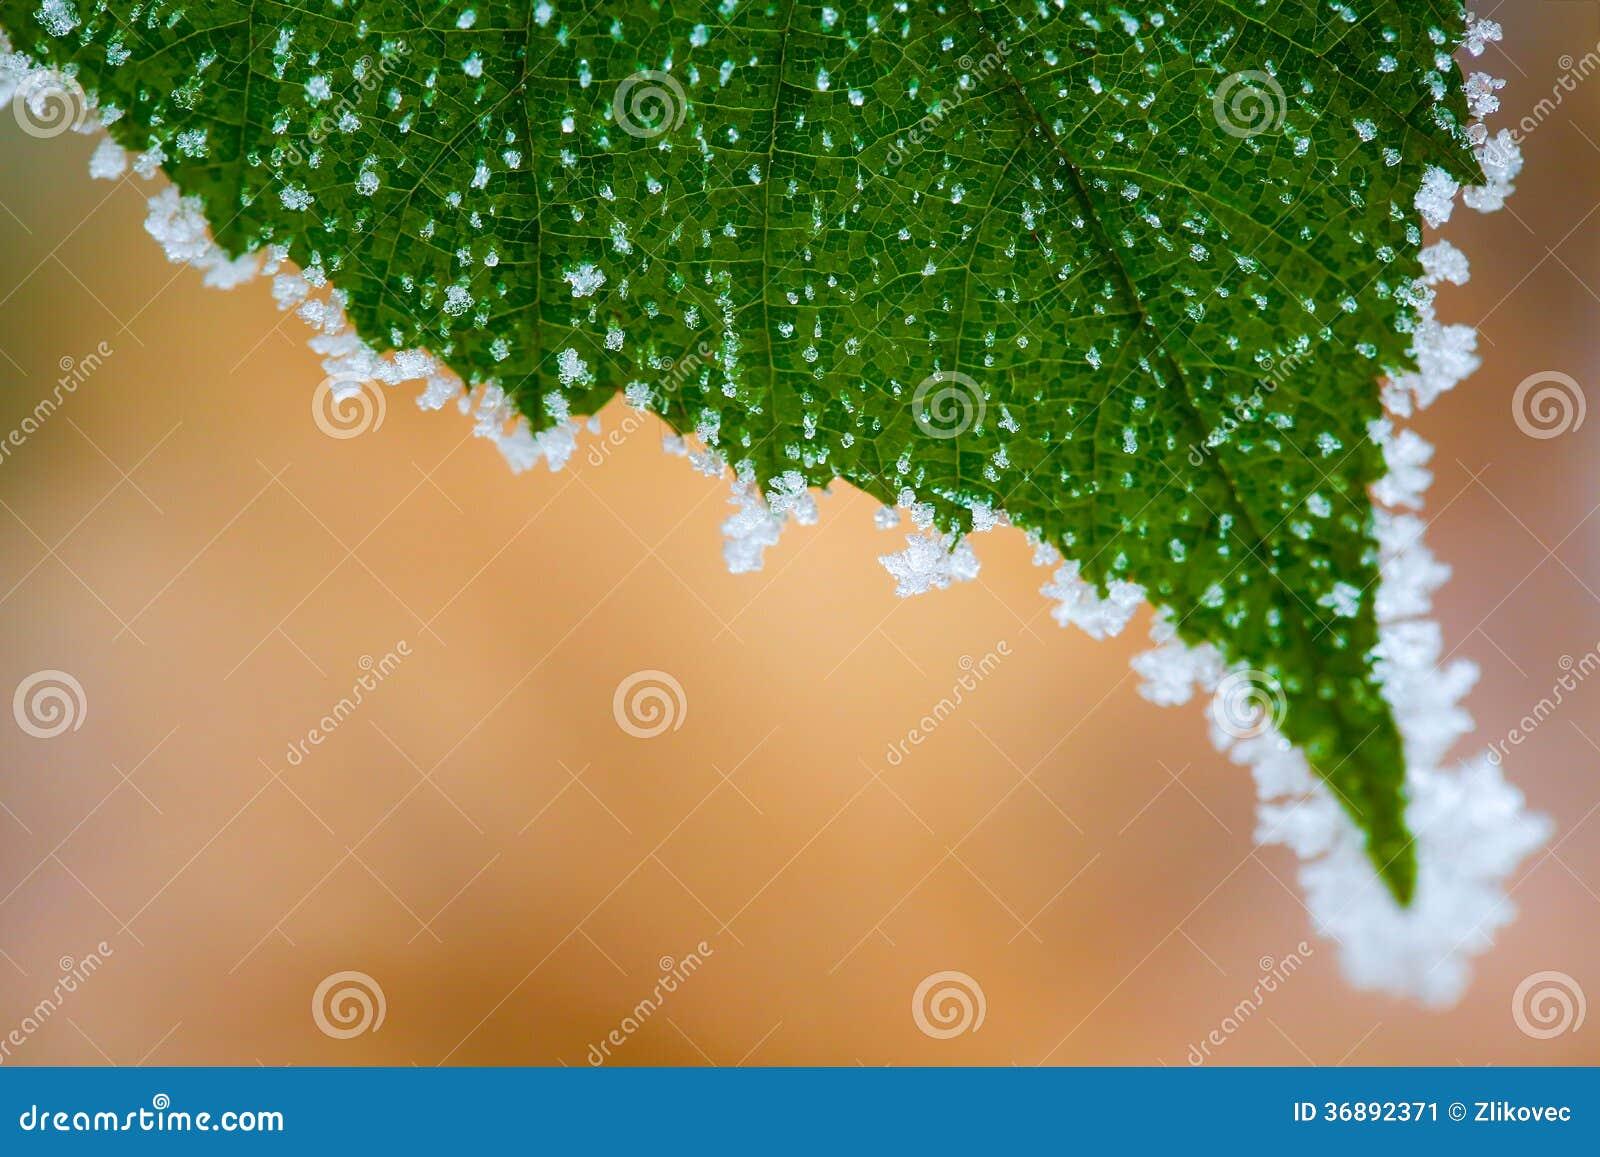 Download Gelo Su Una Foglia Verde Con Fondo Marrone Immagine Stock - Immagine di campo, fine: 36892371